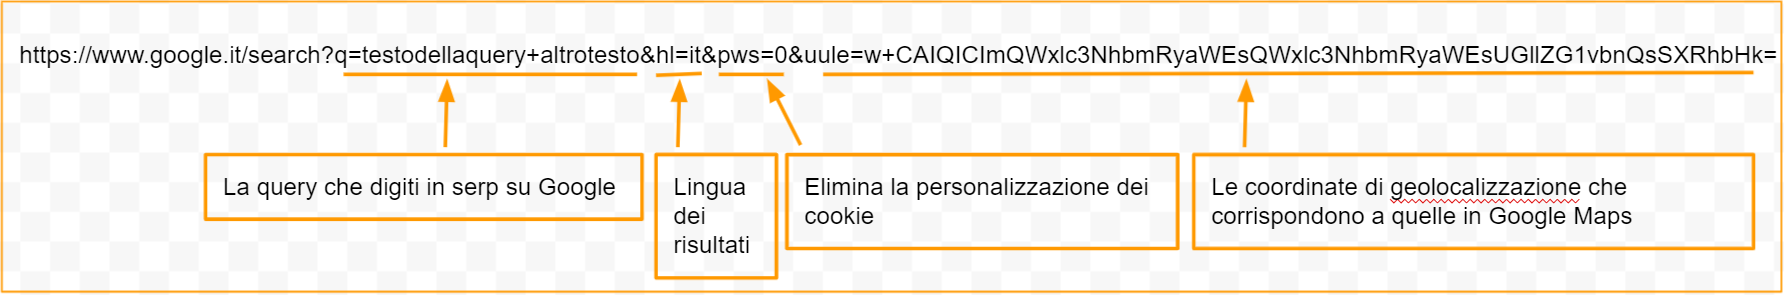 come geolocalizzare una ricerca in serp google senza personalizzazione manipolando url